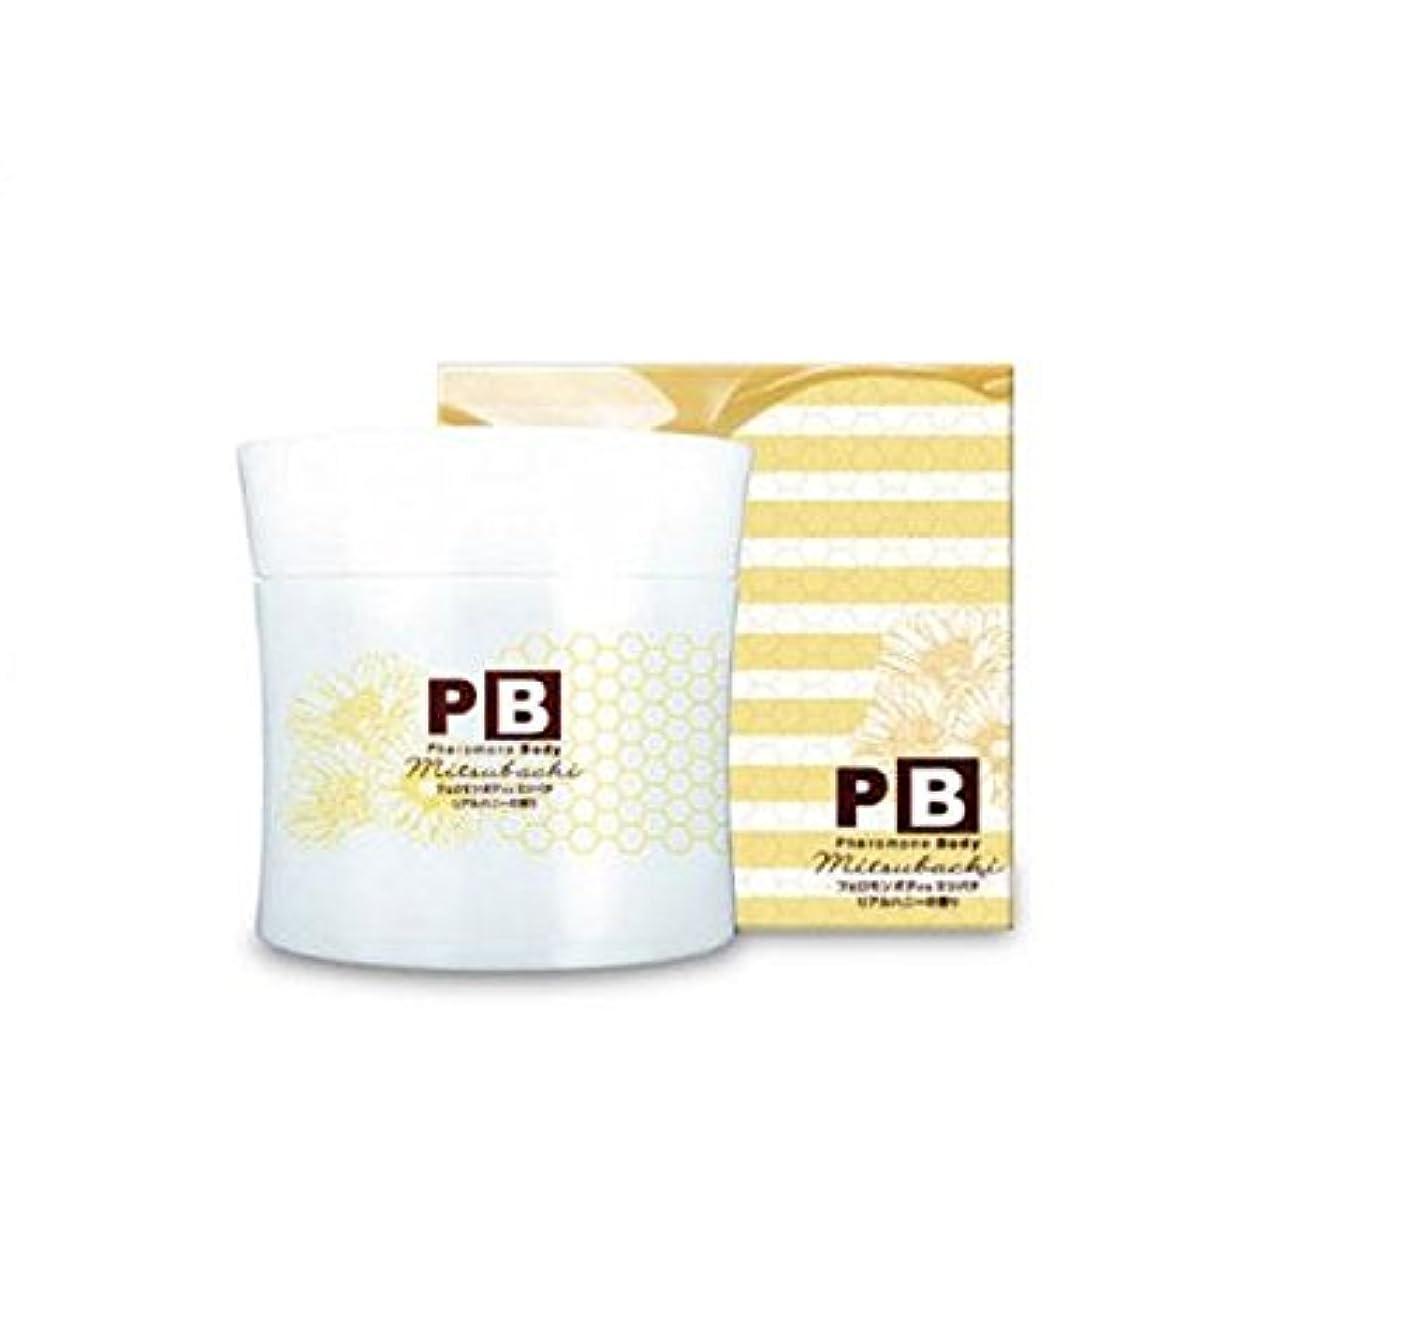 テラス発掘必要条件Pheromone body(フェロモンボディ)® ミツバチ 500g